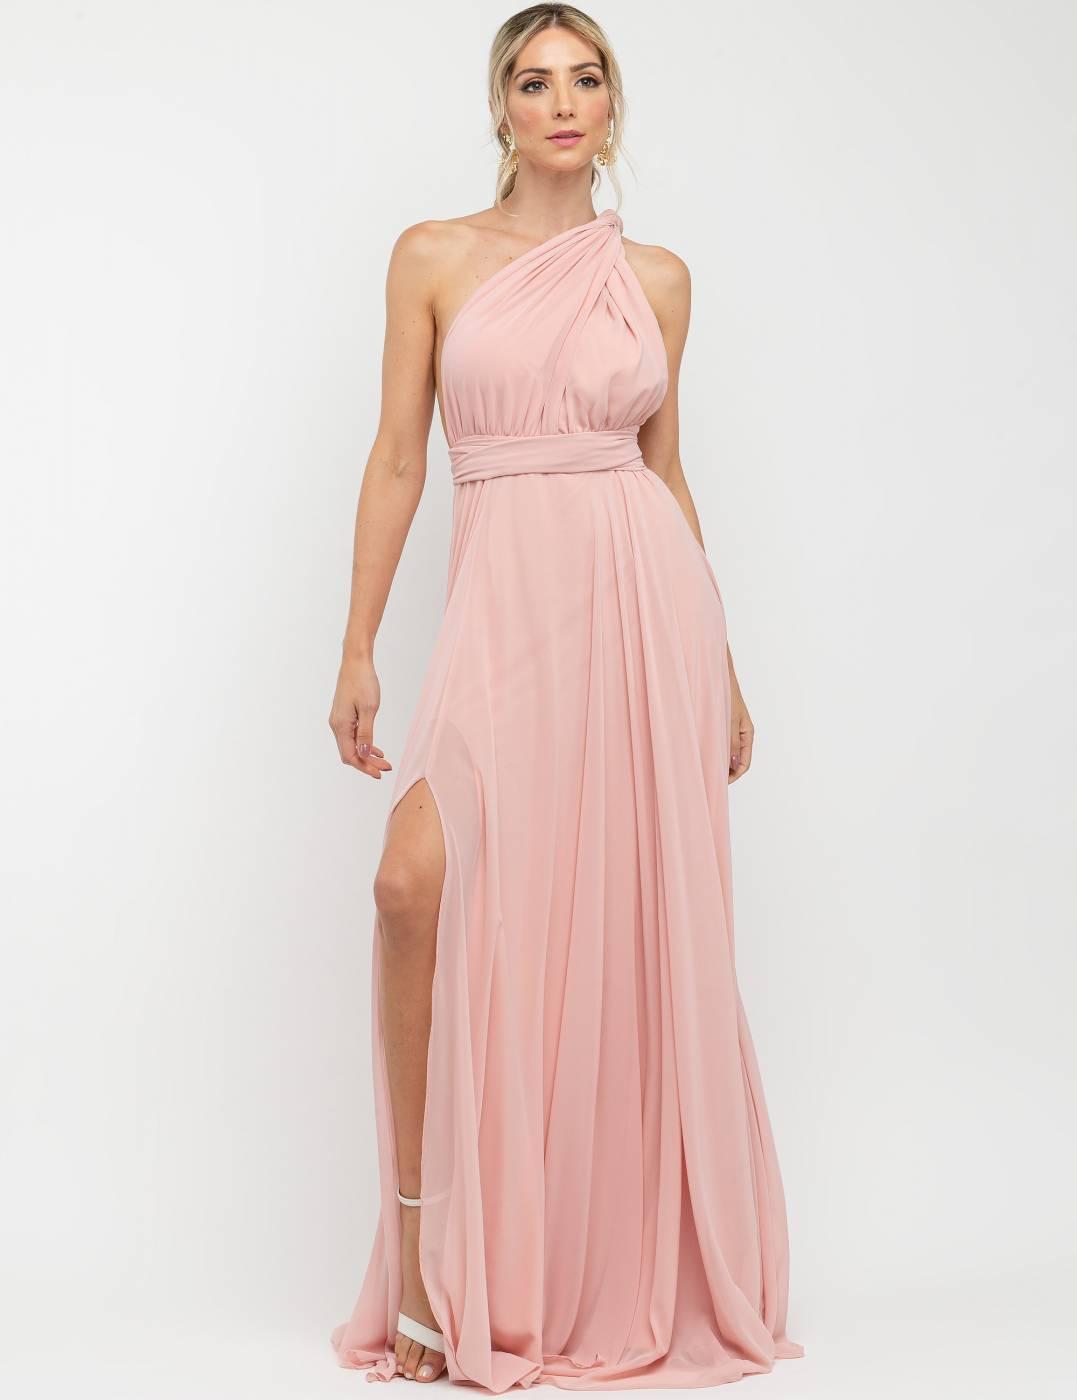 Vestido Multiformas Chifon Rosé